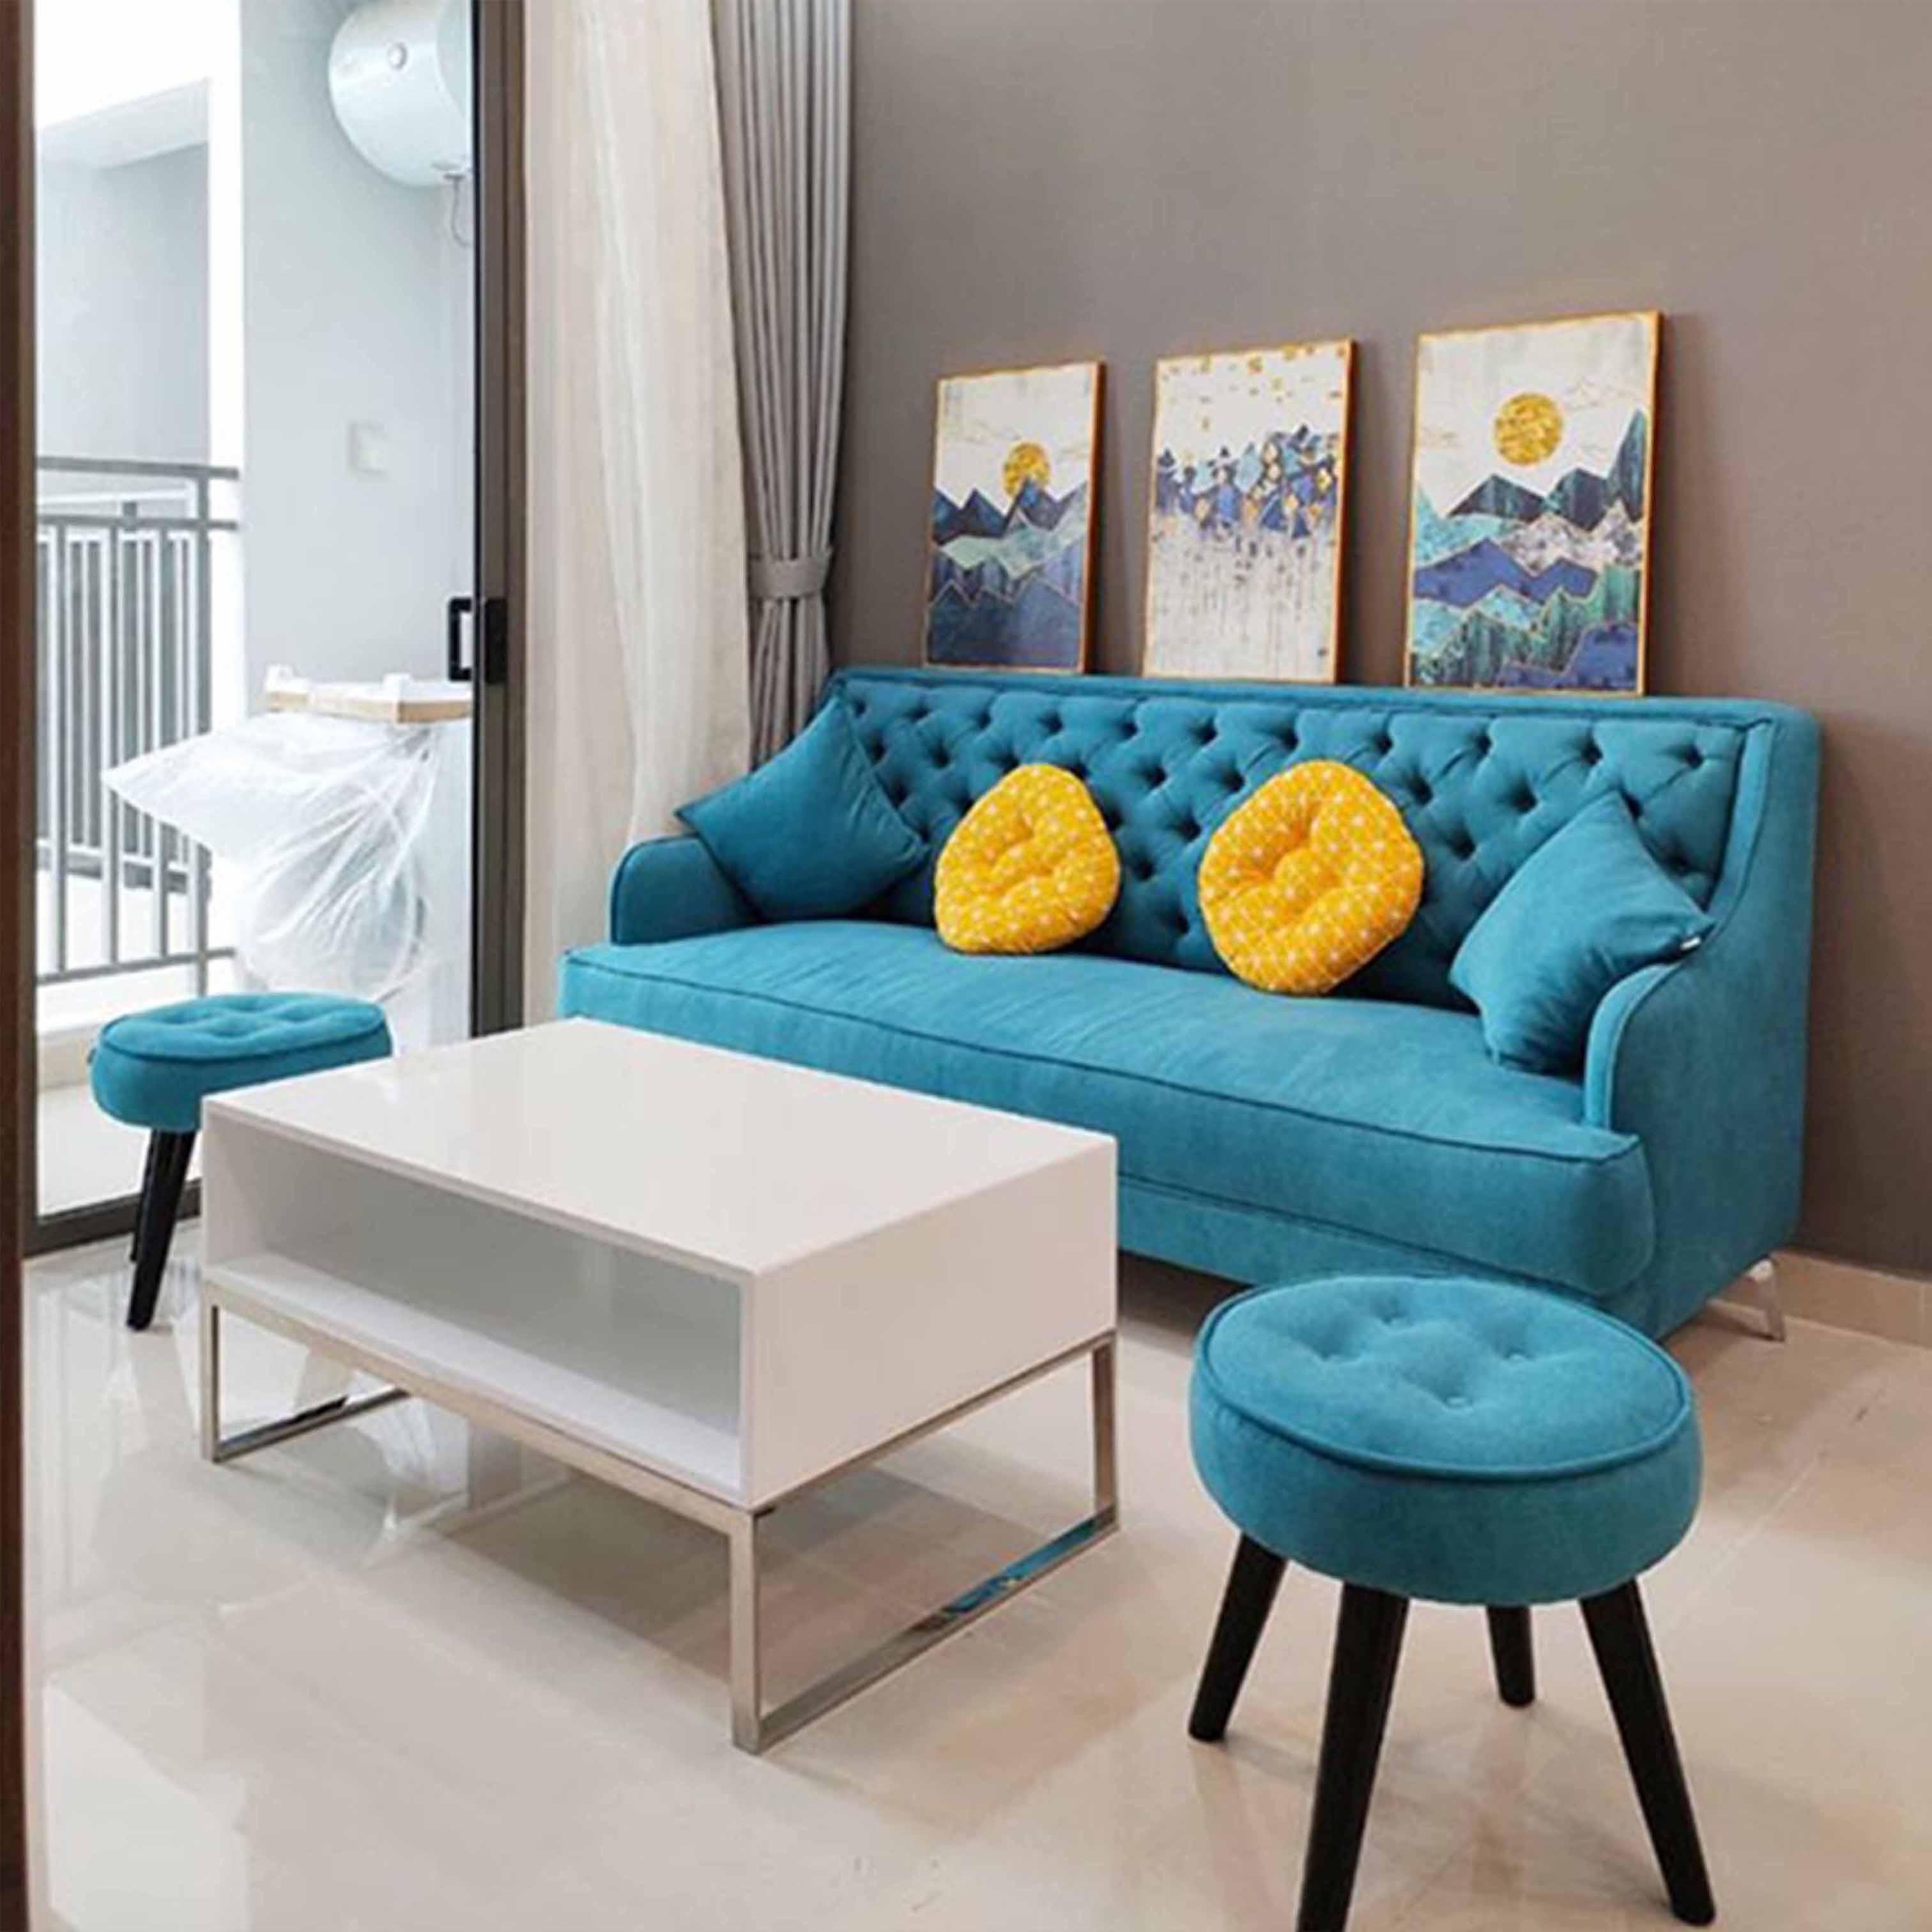 Thi công và thiết kế căn hộ chung cư tại Mễ Trì, Mỹ Đình, Hà Nội - TK17LHFU